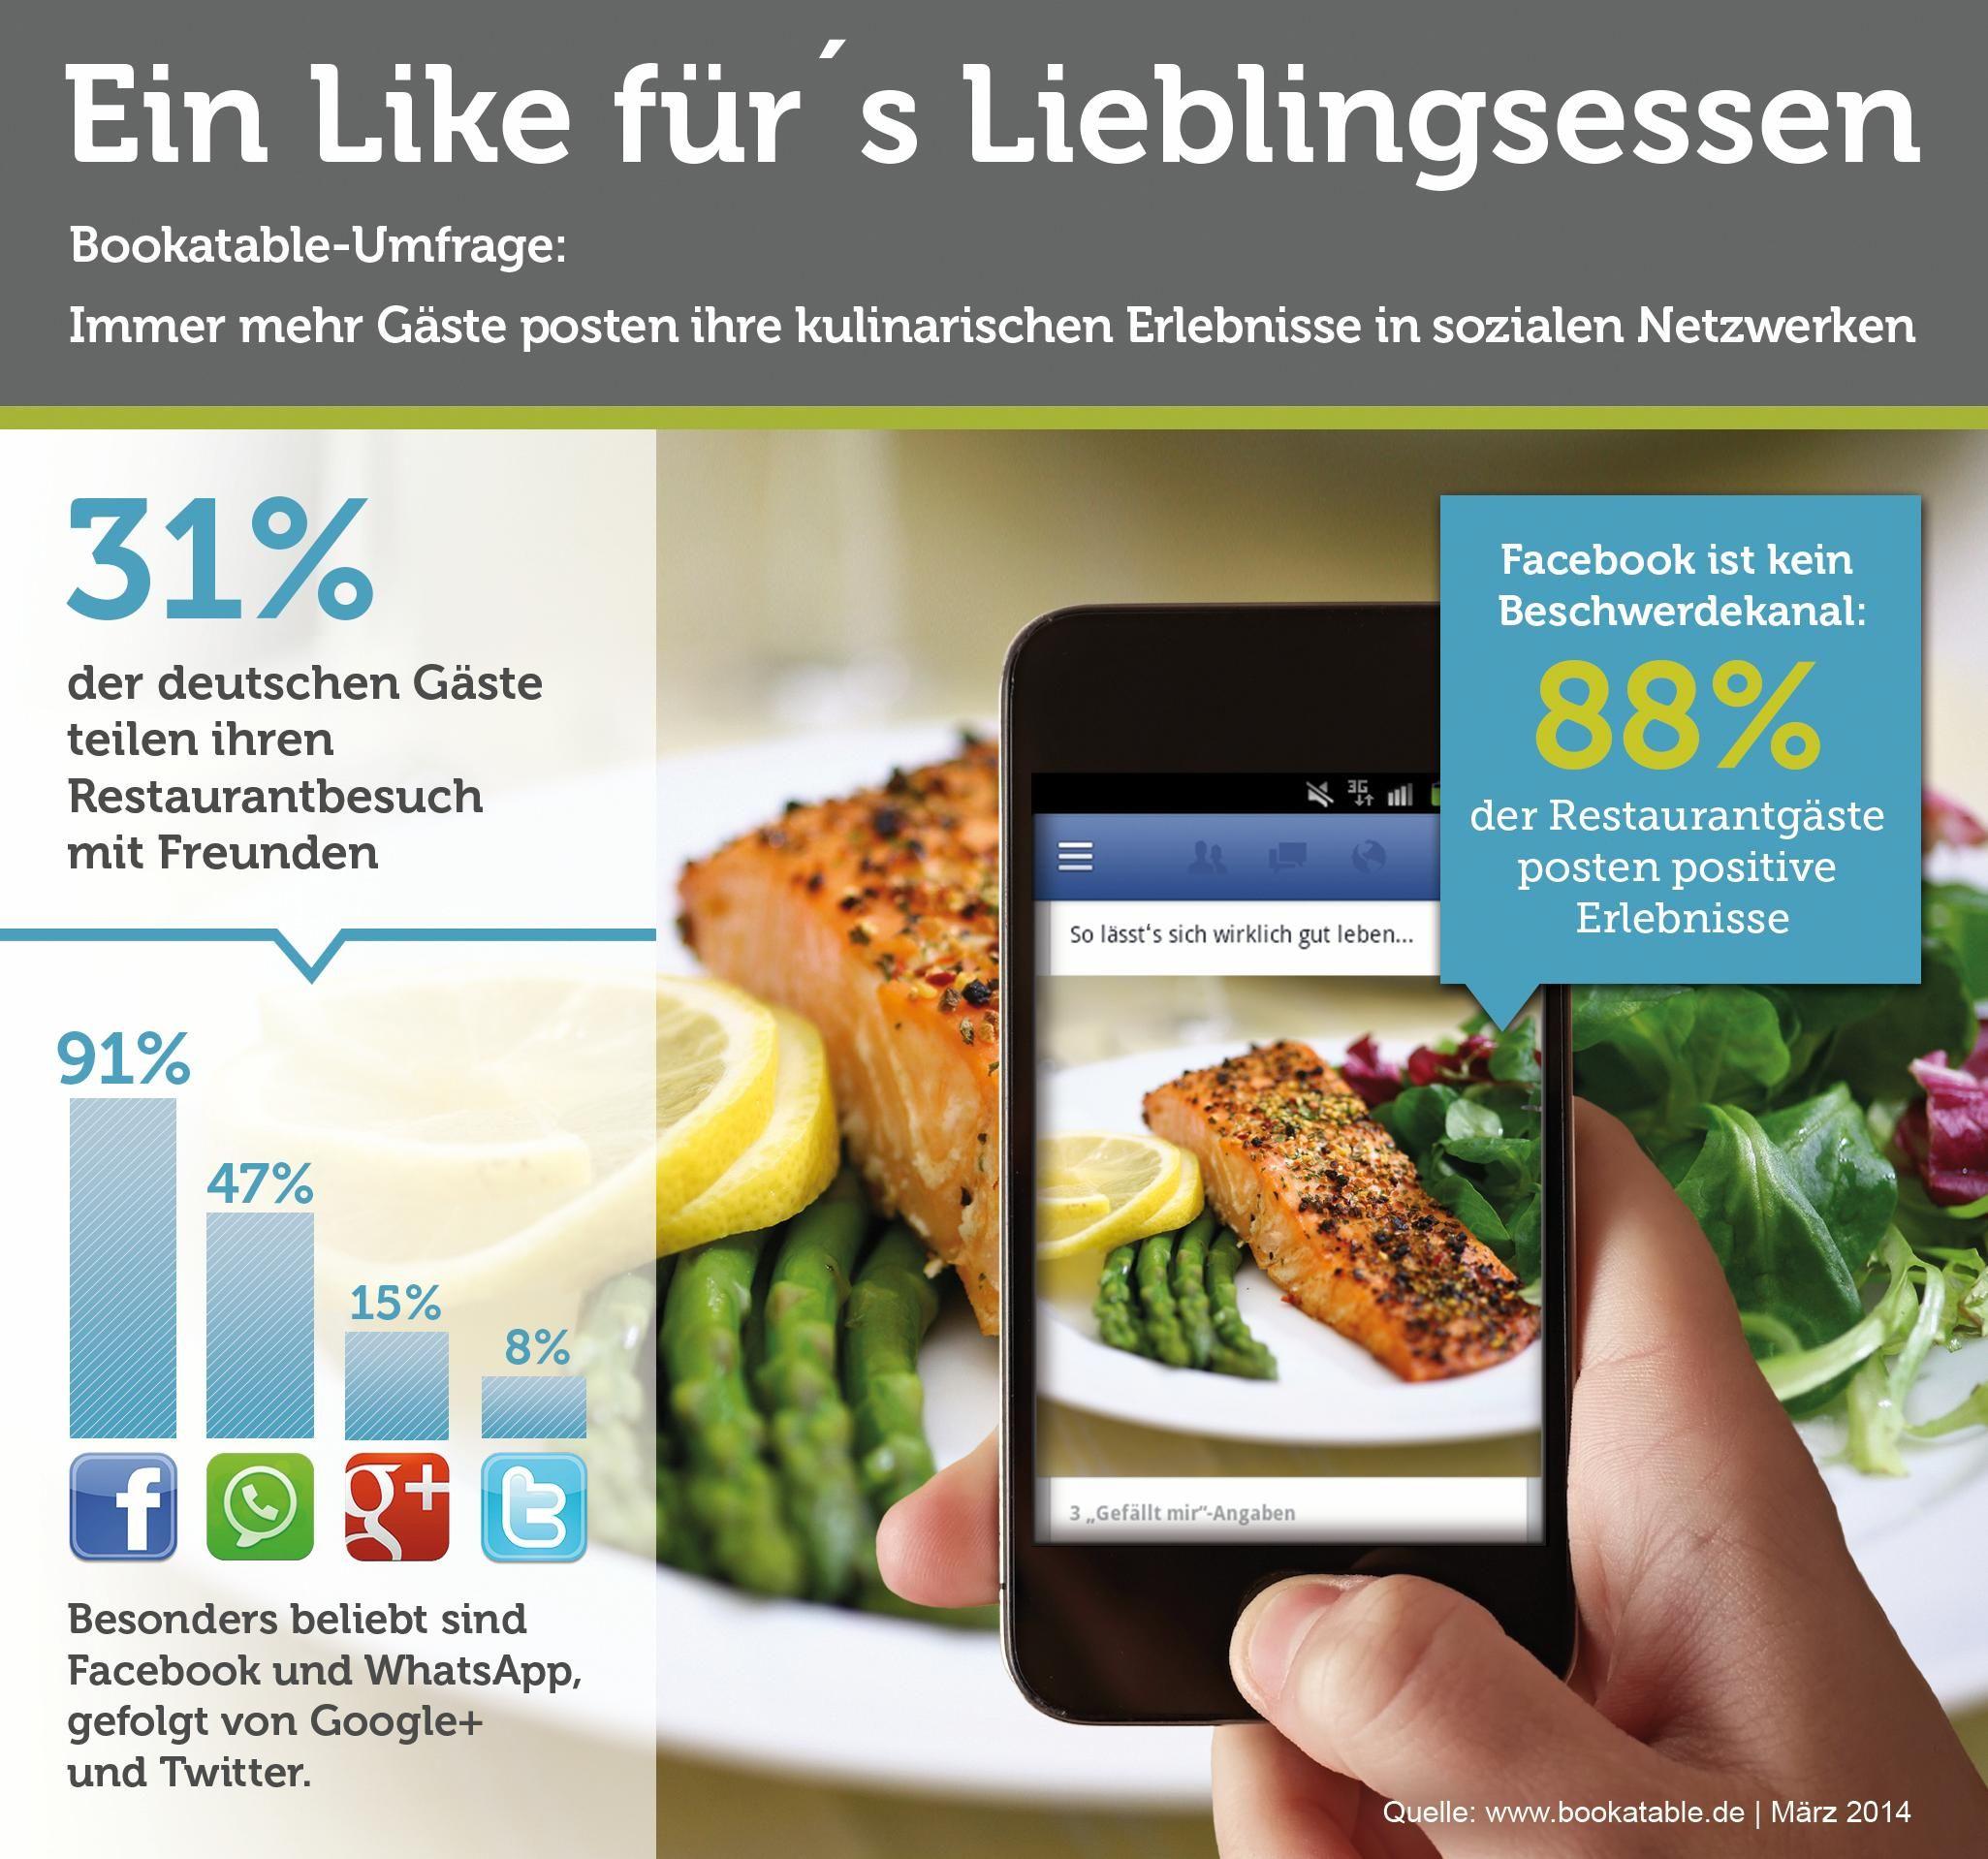 Fast ein Drittel der Restaurantgäste posten ihre kulinarischen Eindrücke in sozialen Netzwerken - Facebook und WhatsApp besonders beliebt